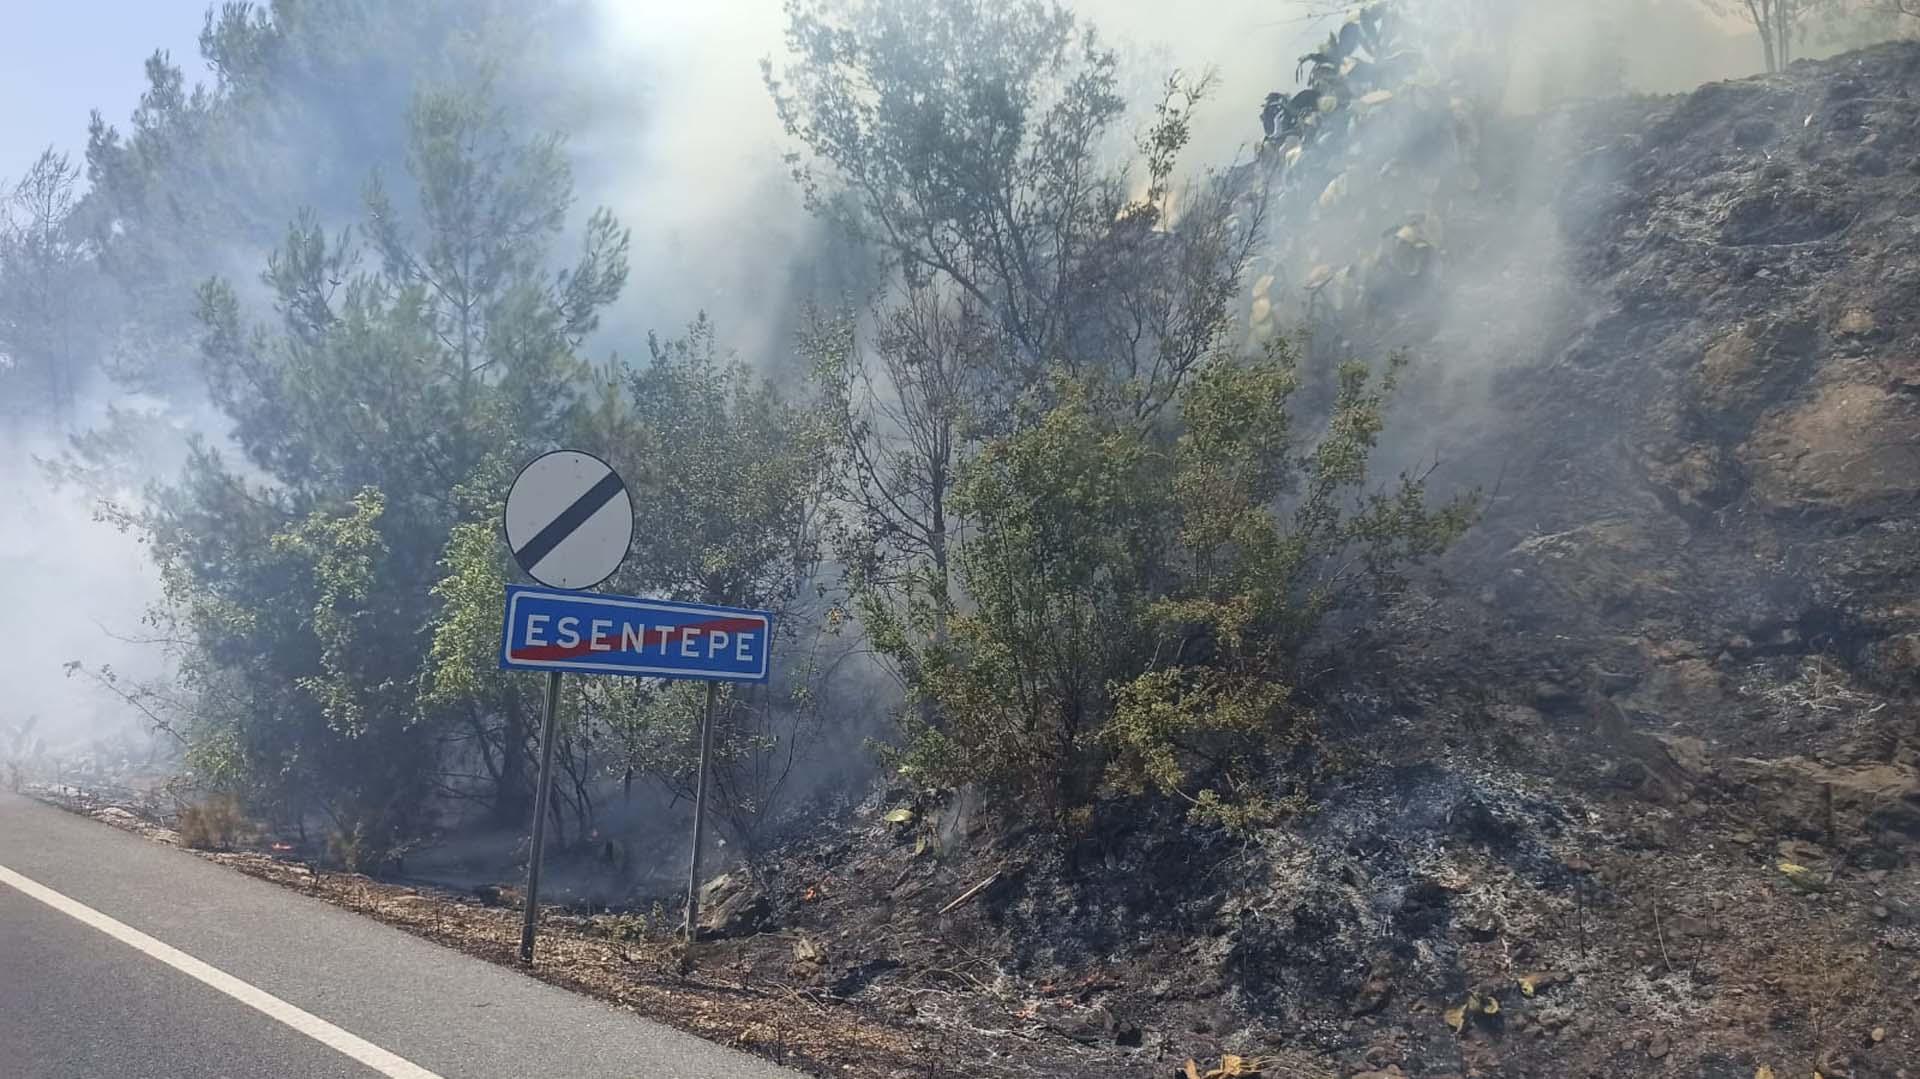 Muğla Ula'da orman yangını! Evler boşaltıldı, Muğla-Fethiye kara yolu ulaşıma kapatıldı